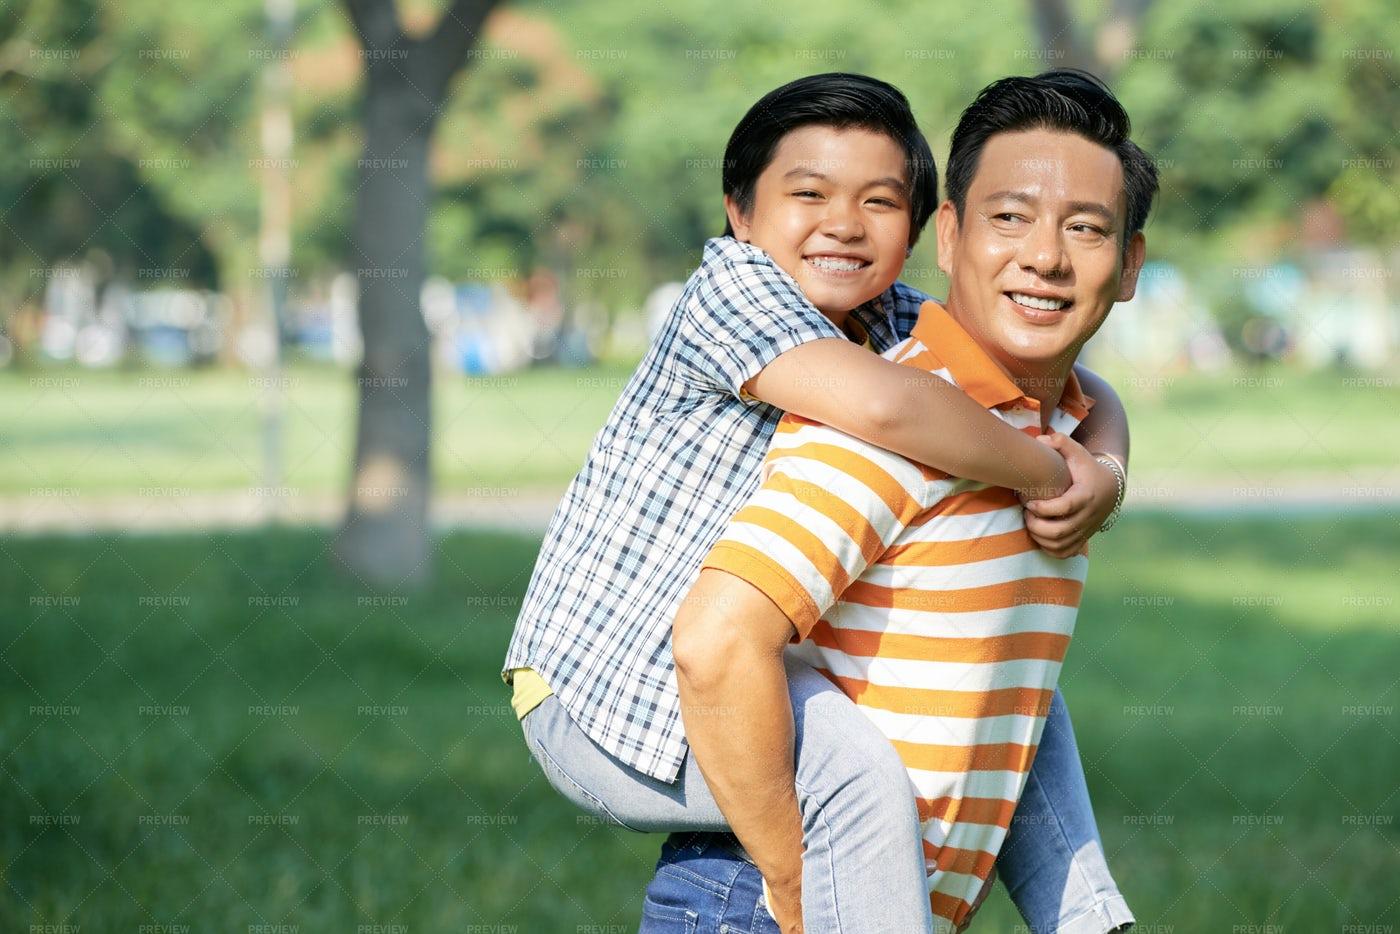 Giving Piggyback Ride To Little Son: Stock Photos